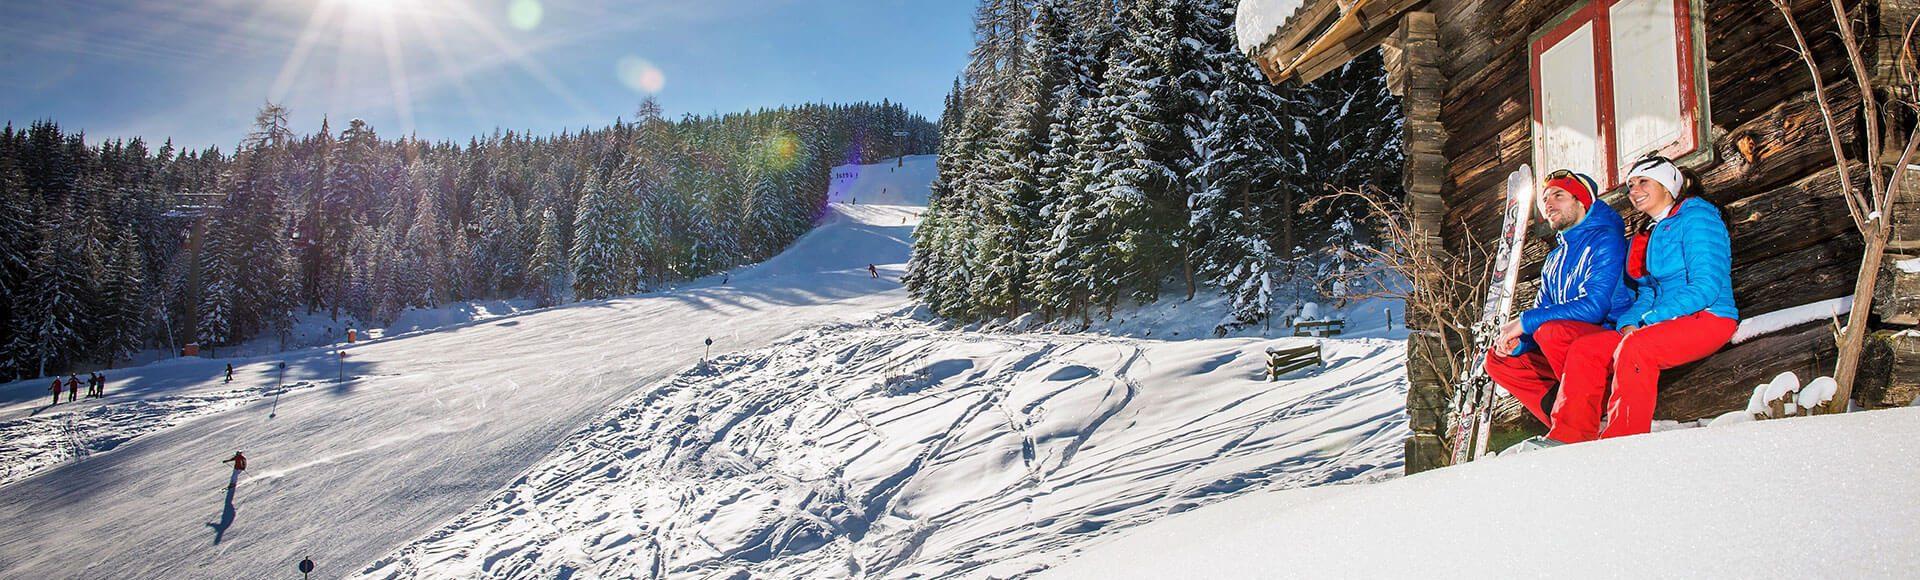 Skigebiet Tourismusverband Radstadt Lorenz Masser 1